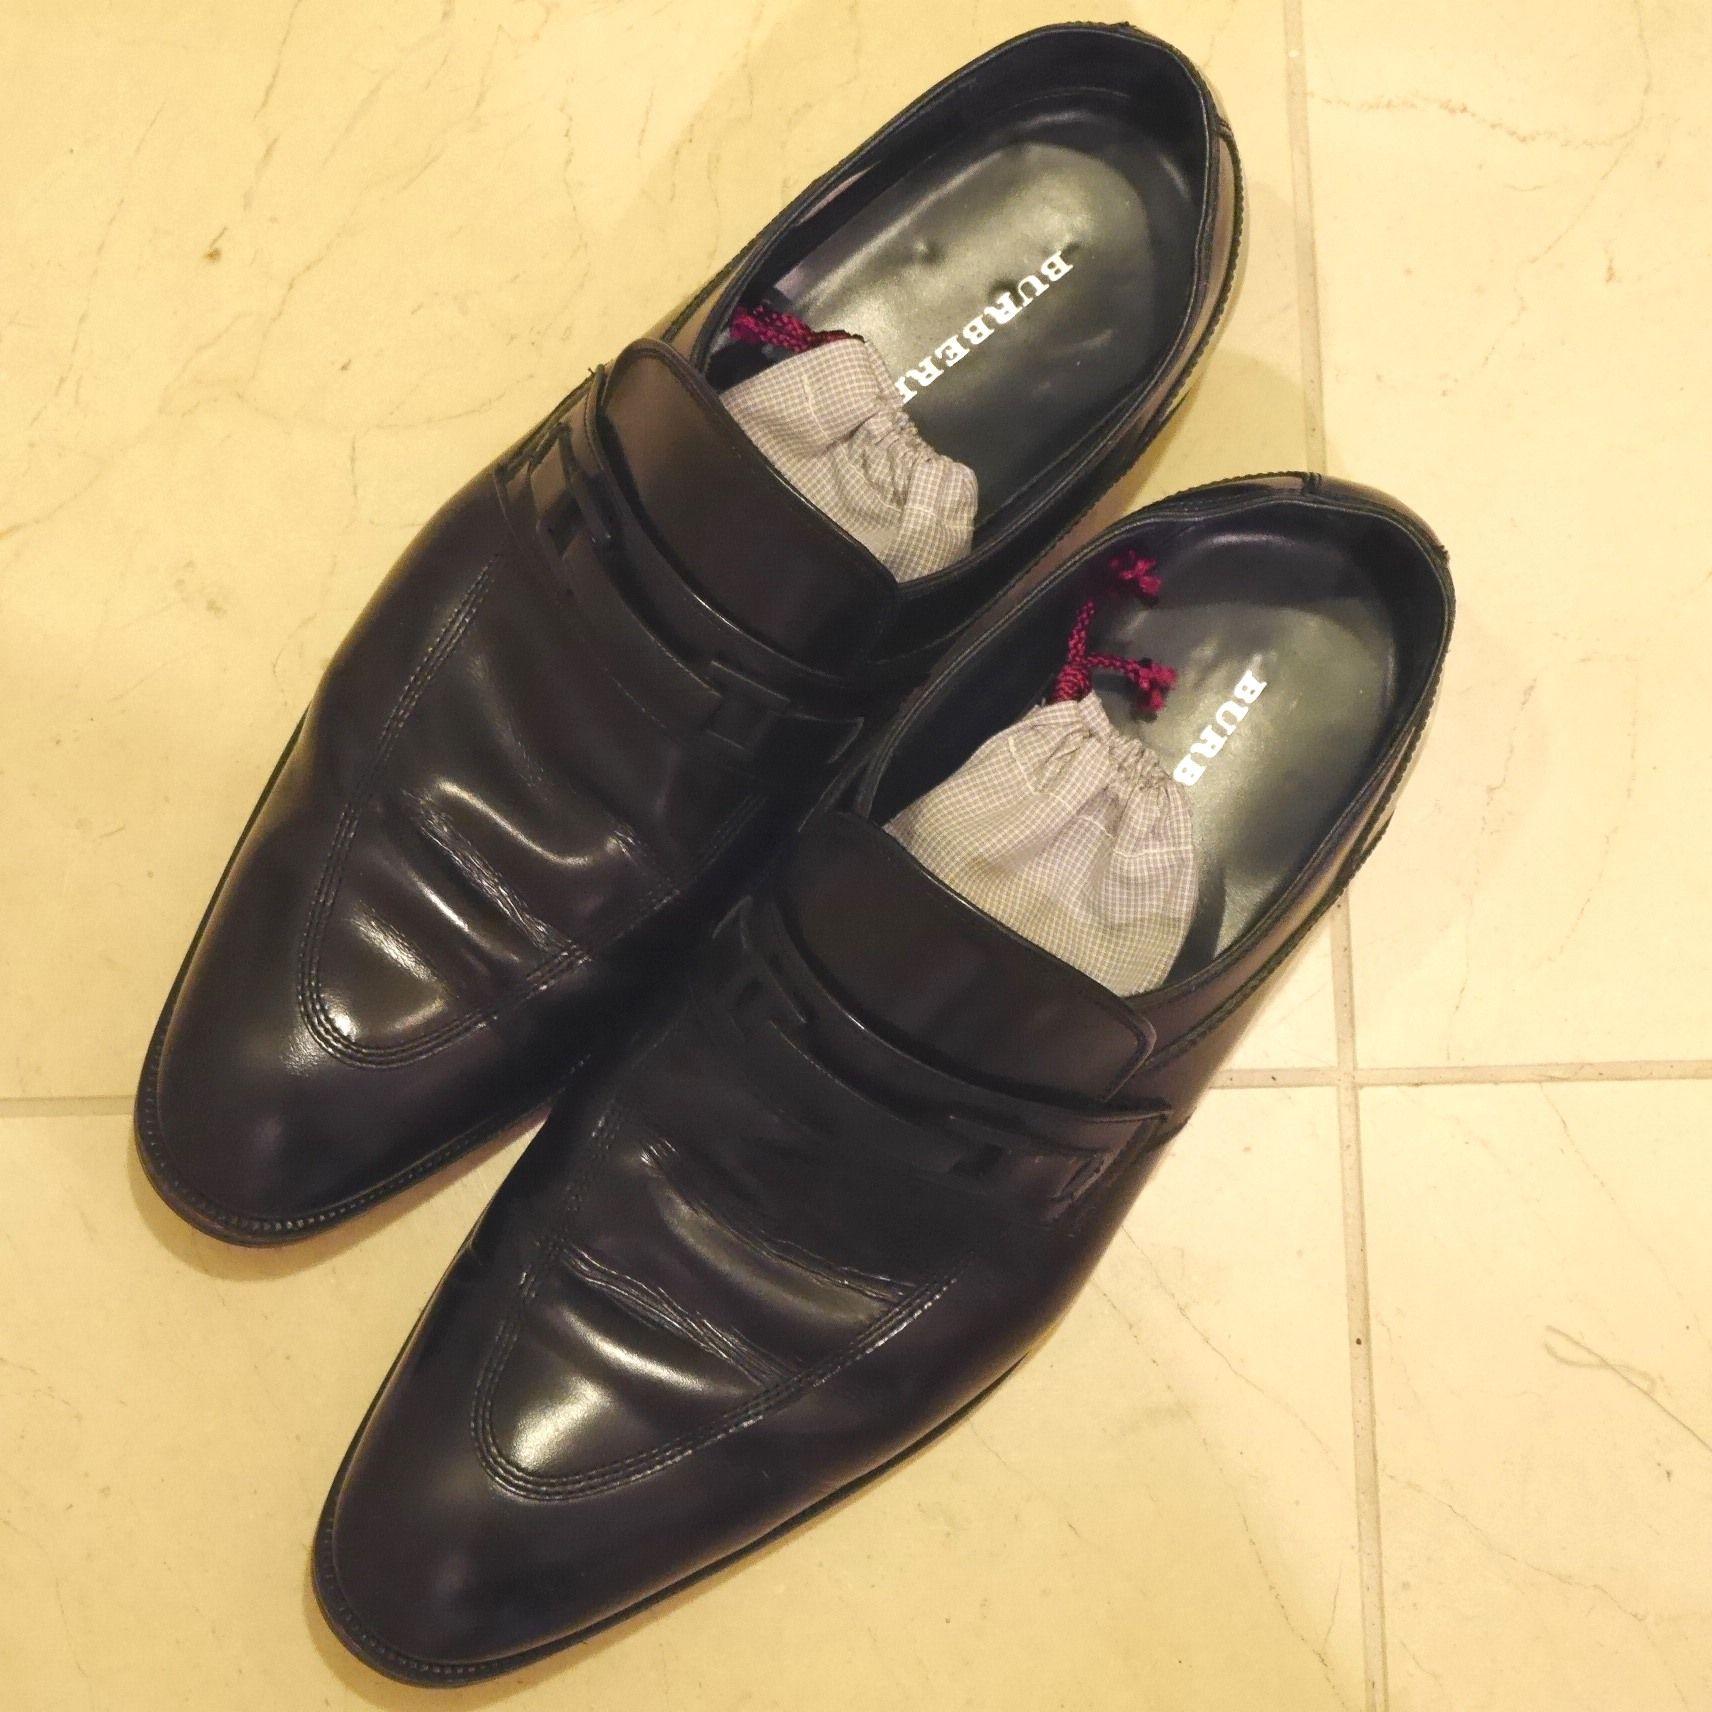 シューキーパー_メンズ革靴_奥